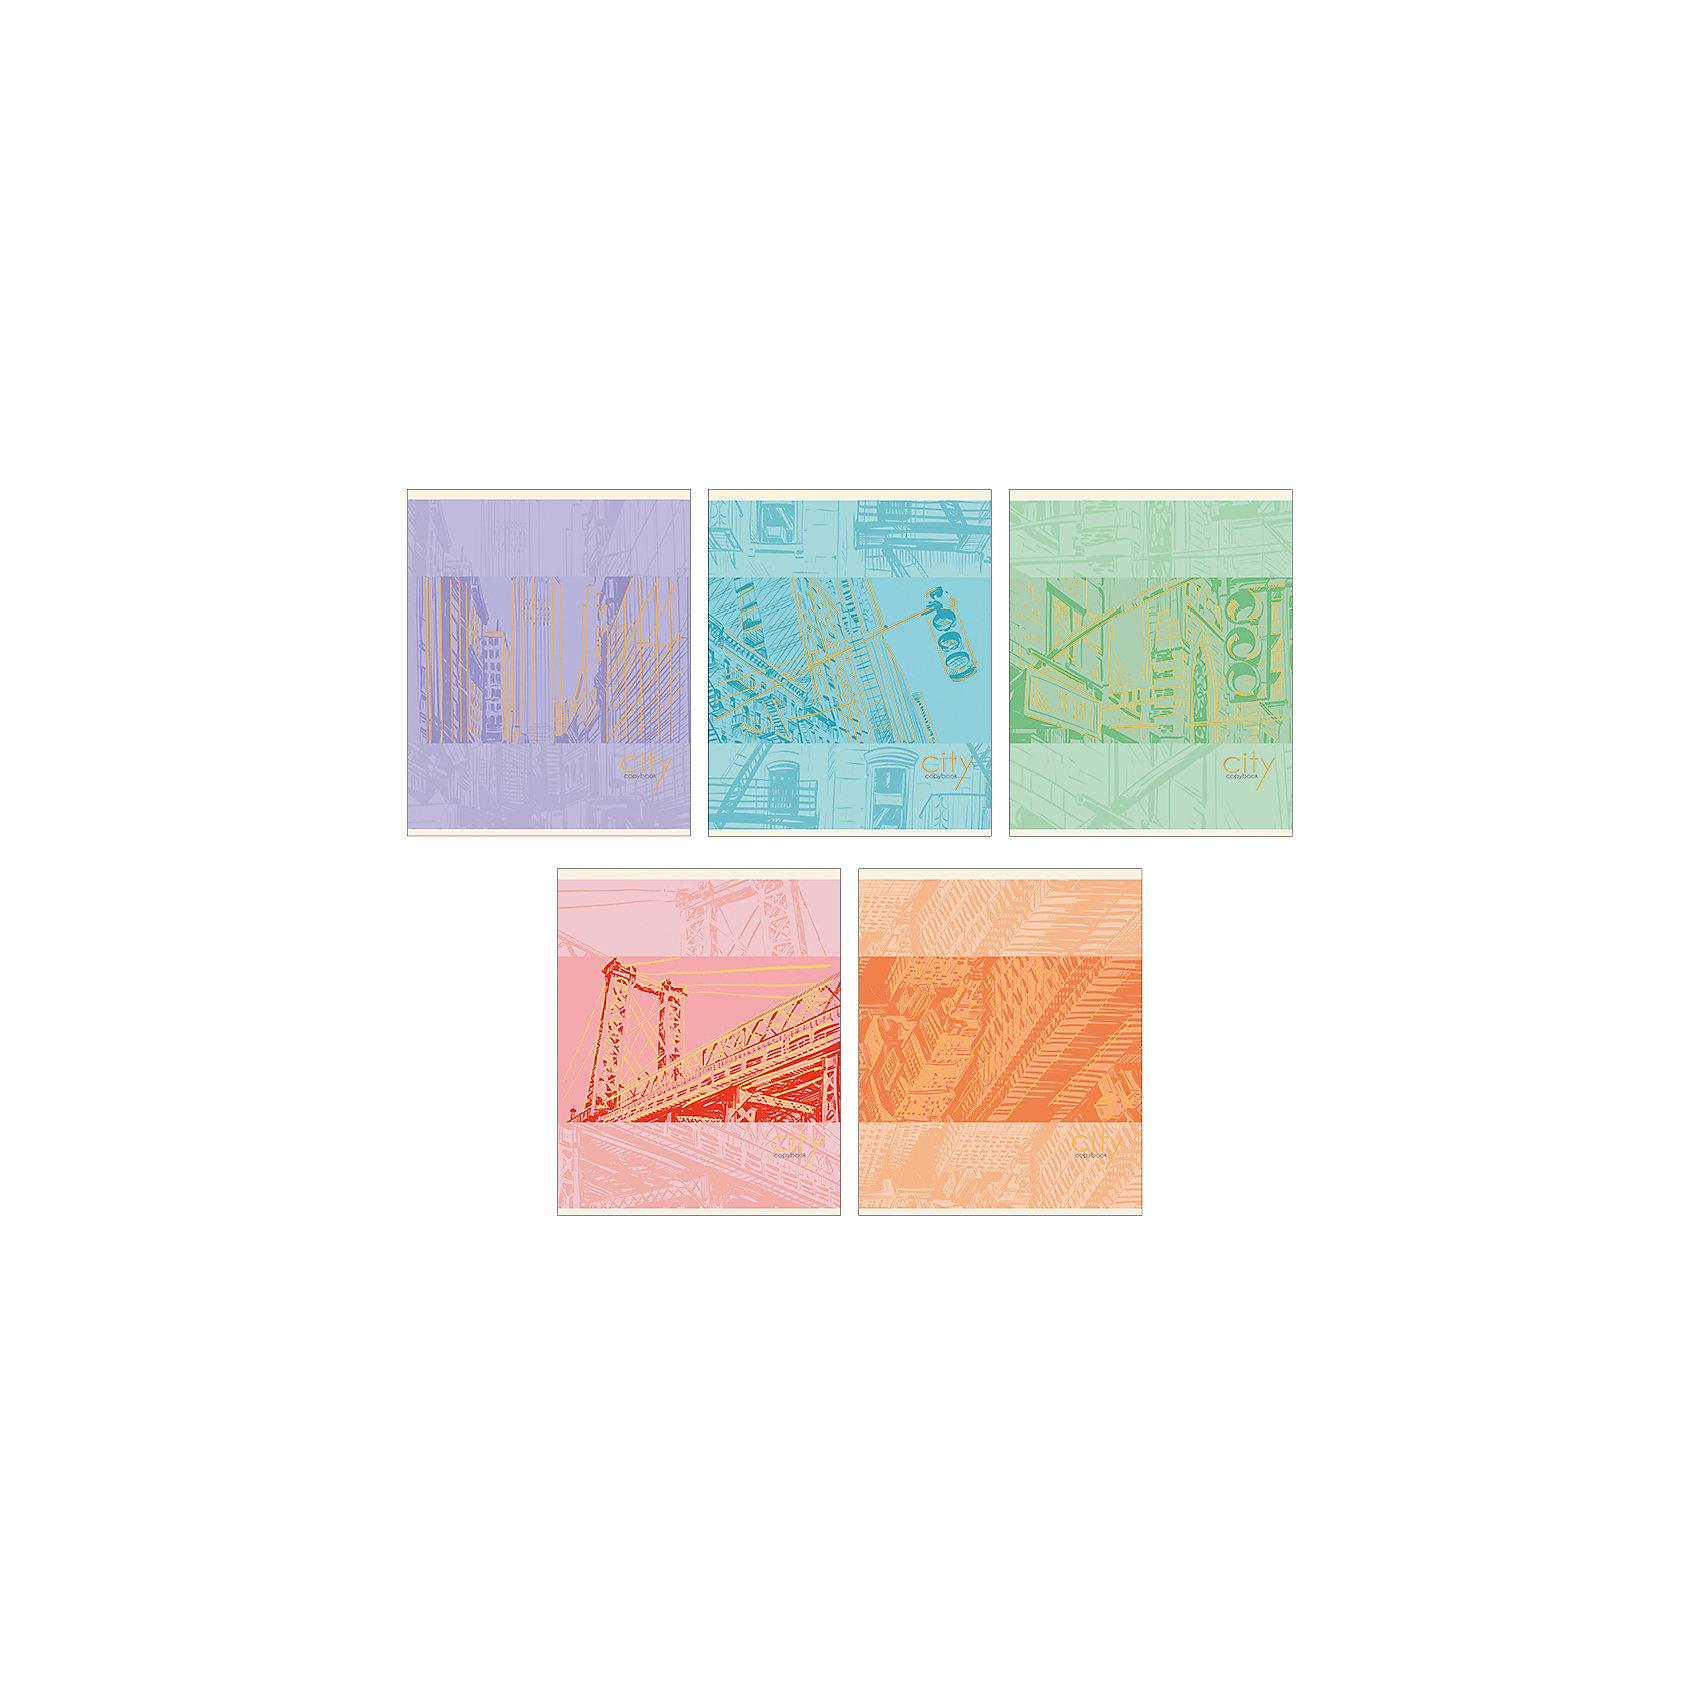 Комплект тетрадей Архитектура и графика (10 шт), 48 листов, Канц-ЭксмоБумажная продукция<br>Характеристики комплекта тетрадей Цветные карандаши:<br><br>• размеры: 20.2х16.3х3.5 см<br>• количество листов: 48 шт.<br>• разлиновка: клетка<br>• формат: А 5 <br>• комплектация: тетрадь<br>• бумага: офсет, плотностью 60 г/м2.<br>• обложка: мелованный картон, выборочный лак, матовая ламинация, выборочный лак <br>• бренд: Канц-Эксмо<br>• страна бренда: Россия<br>• страна производителя: Россия<br><br>Комплект тетрадей Архитектура и графика от производителя Канц-Эксмо выполнен в формате А5. Количество листов 48, тетради в клетку с полями. Крепление: скрепка. Обложка у изделий плотная - мелованный картон, выборочный лак <br><br>Комплект тетрадей Архитектура и графика от производителя Канц-Эксмо можно купить в нашем интернет-магазине.<br><br>Ширина мм: 202<br>Глубина мм: 163<br>Высота мм: 40<br>Вес г: 113<br>Возраст от месяцев: 72<br>Возраст до месяцев: 2147483647<br>Пол: Унисекс<br>Возраст: Детский<br>SKU: 5448411